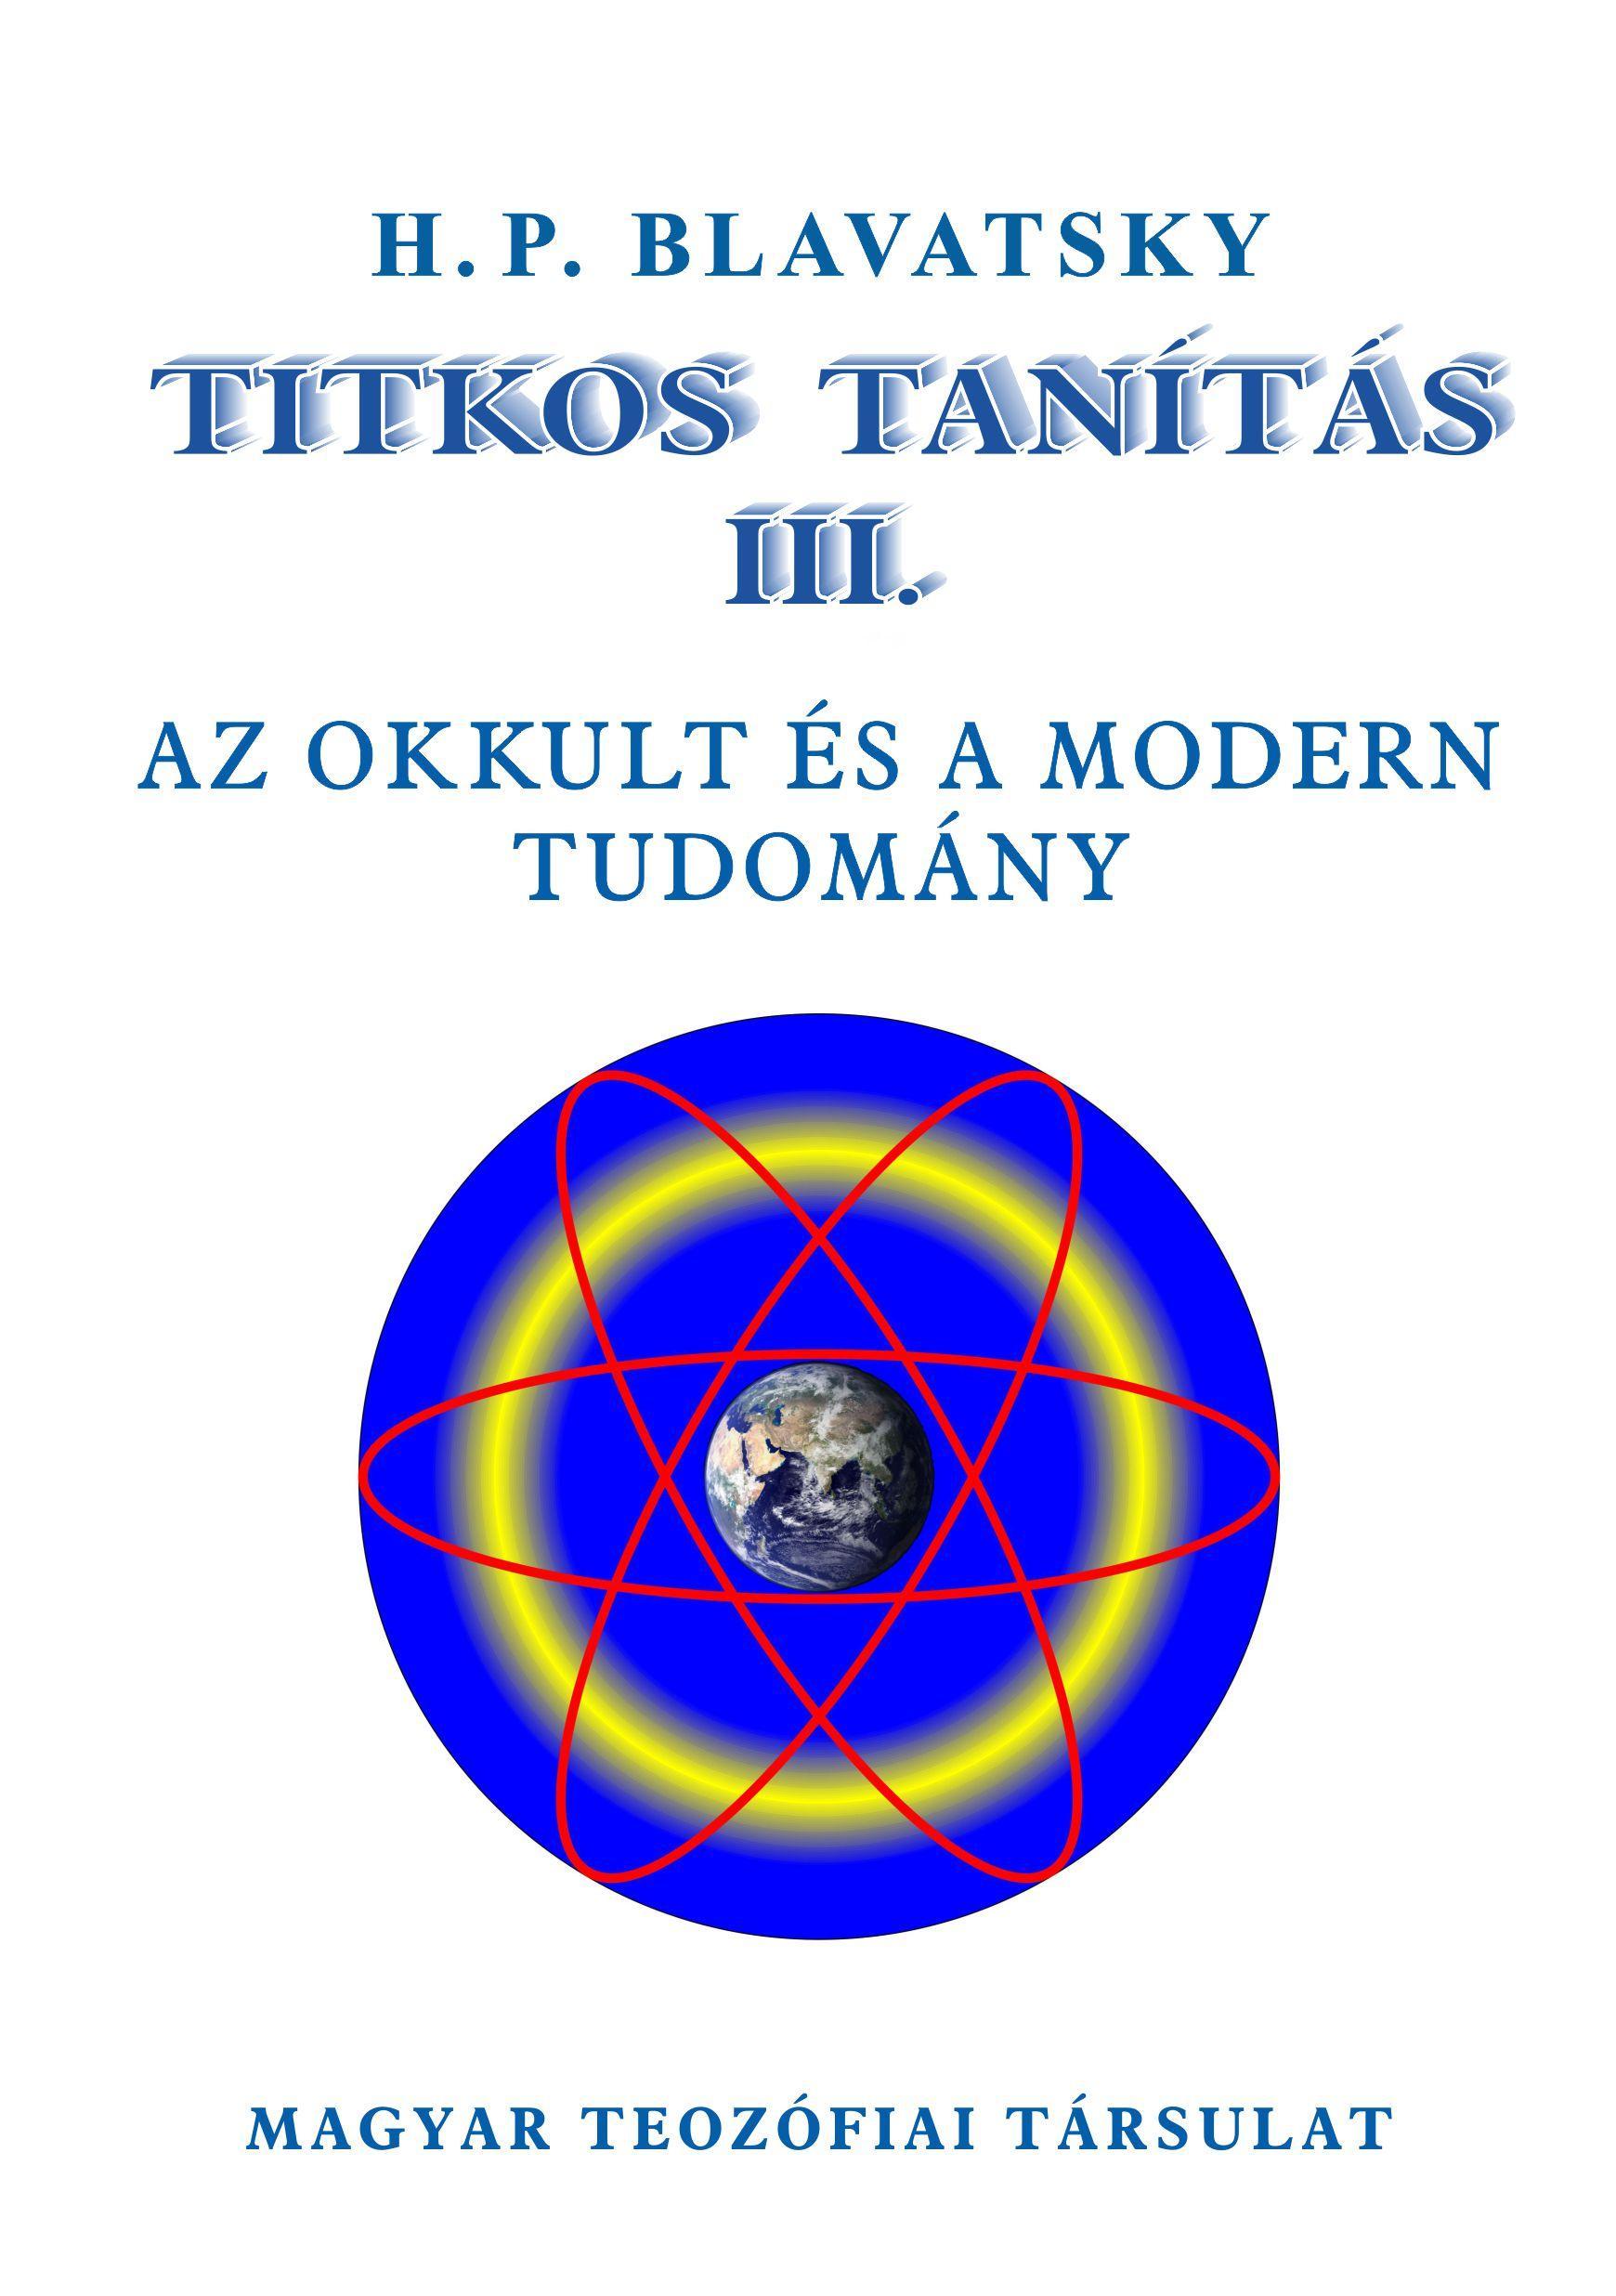 BLAVATSKY, H.P. - TITKOS TANÍTÁS III. - AZ OKKULT ÉS A MODERN TUDOMÁNY